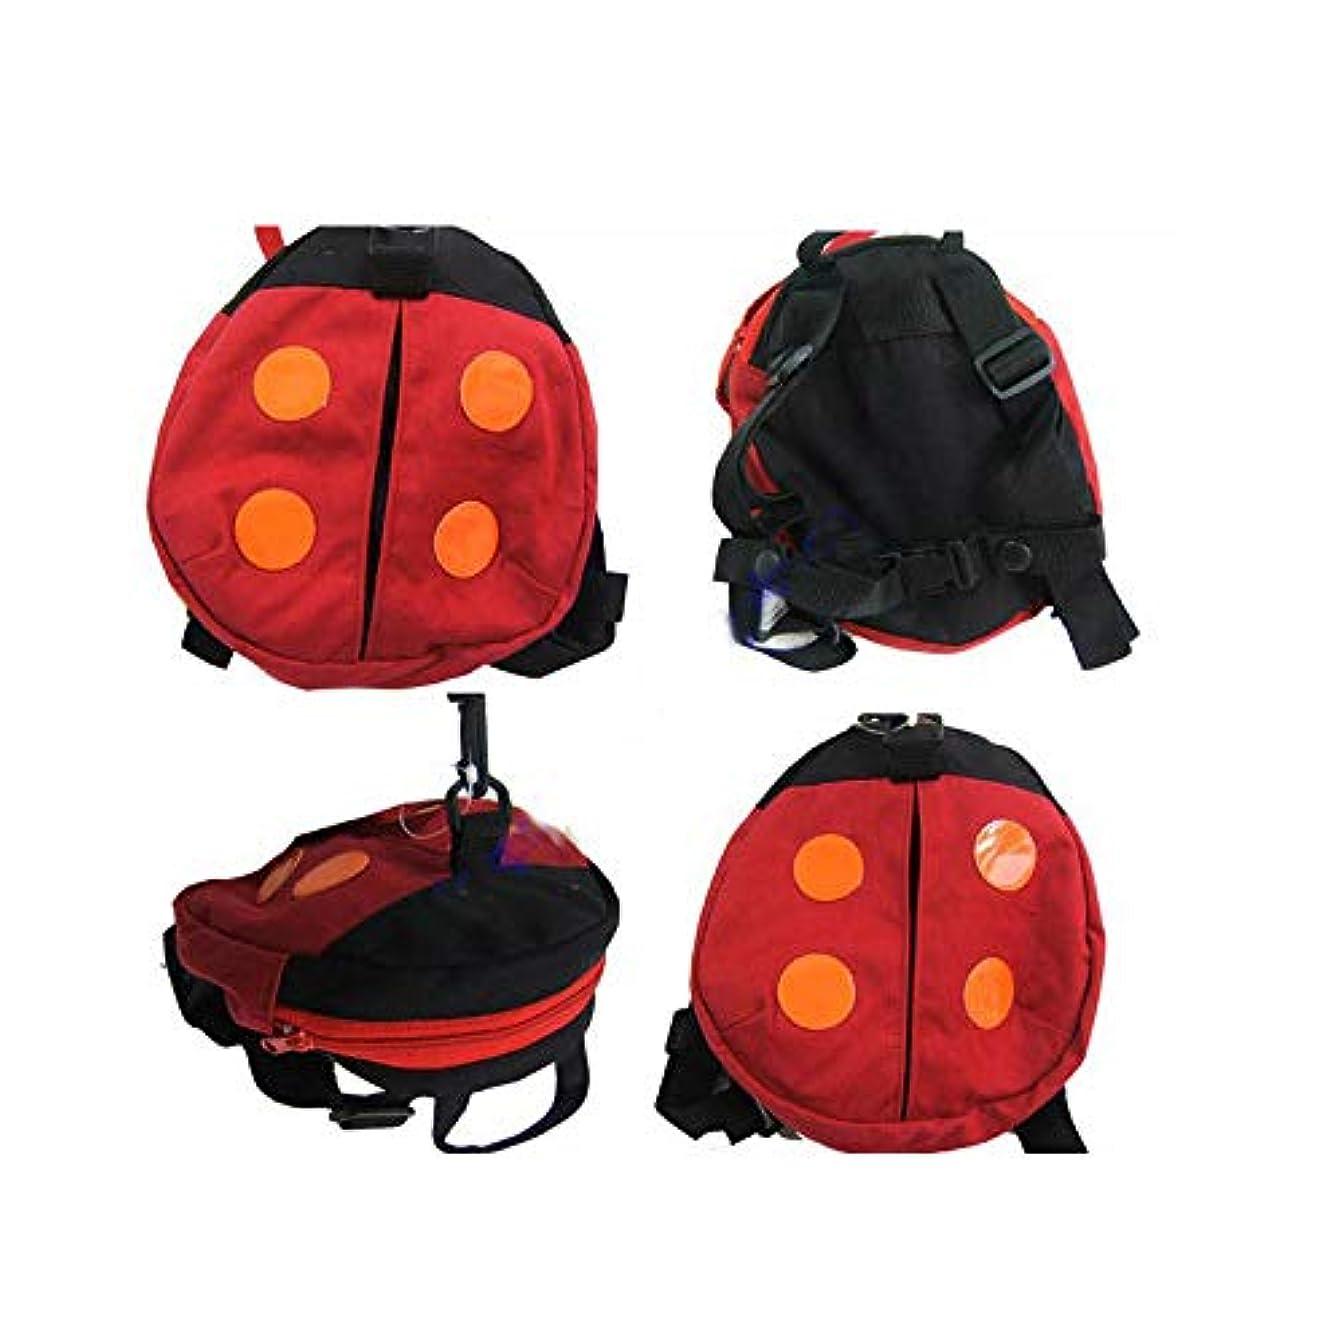 ラオス人カタログあなたが良くなりますAmyou 赤ちゃんアンチロストバッグ幼児安全バックパック付きストラップバッグアンチテイクアウェイ小さなリュックサック子供のパック安全テザーベルトサック素敵なテントウムシデザイン